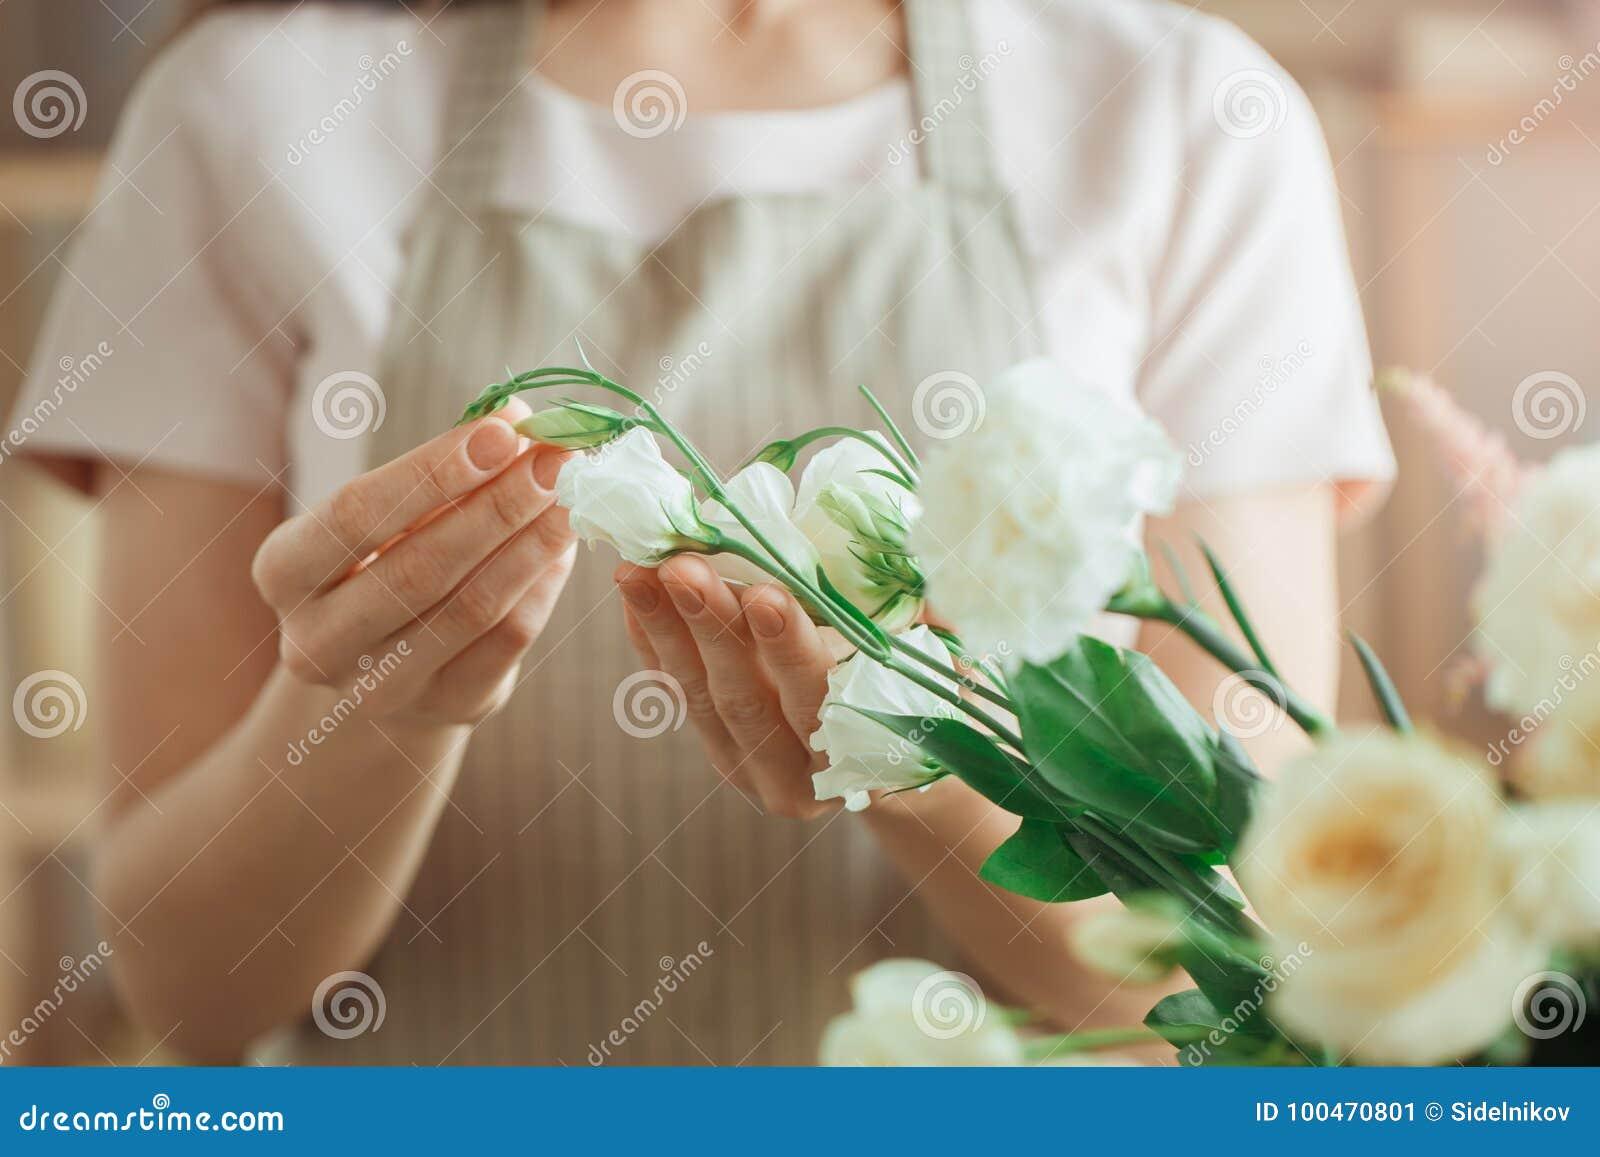 少妇卖花人职业与花一起使用